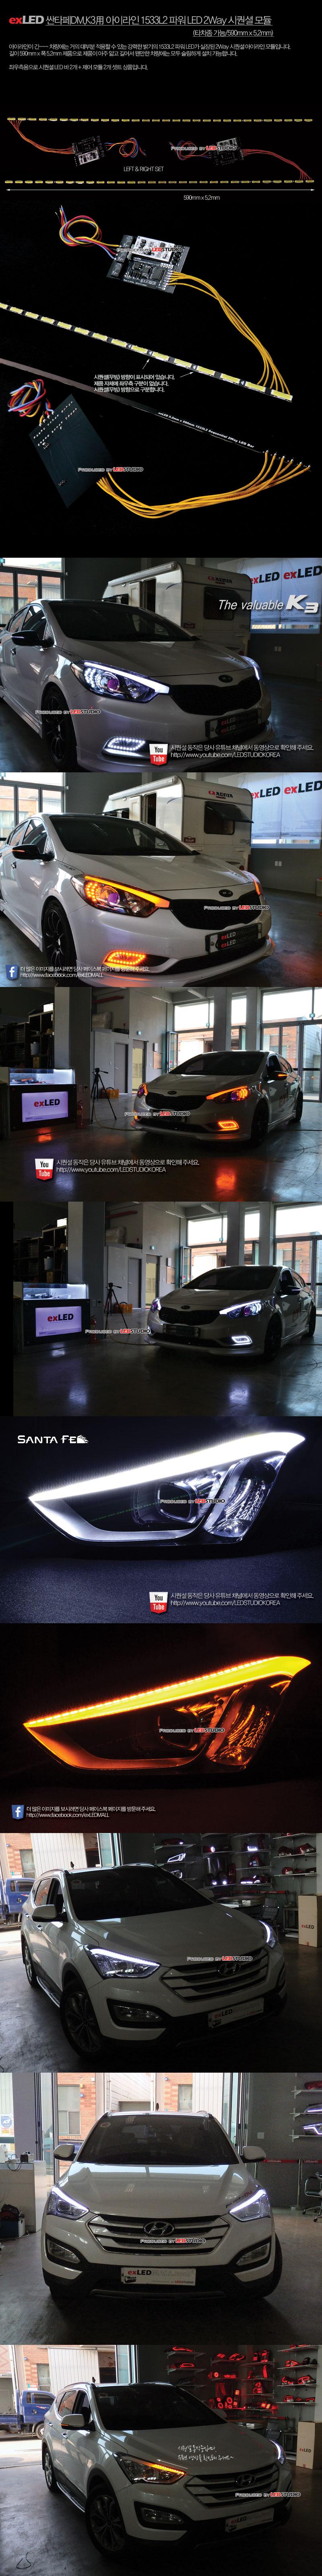 exLED 싼타페DM,K3用 아이라인 1533L2 파워 LED 2Way 시퀀셜 모듈 (타차종 가능/590mm x 5.2mm)